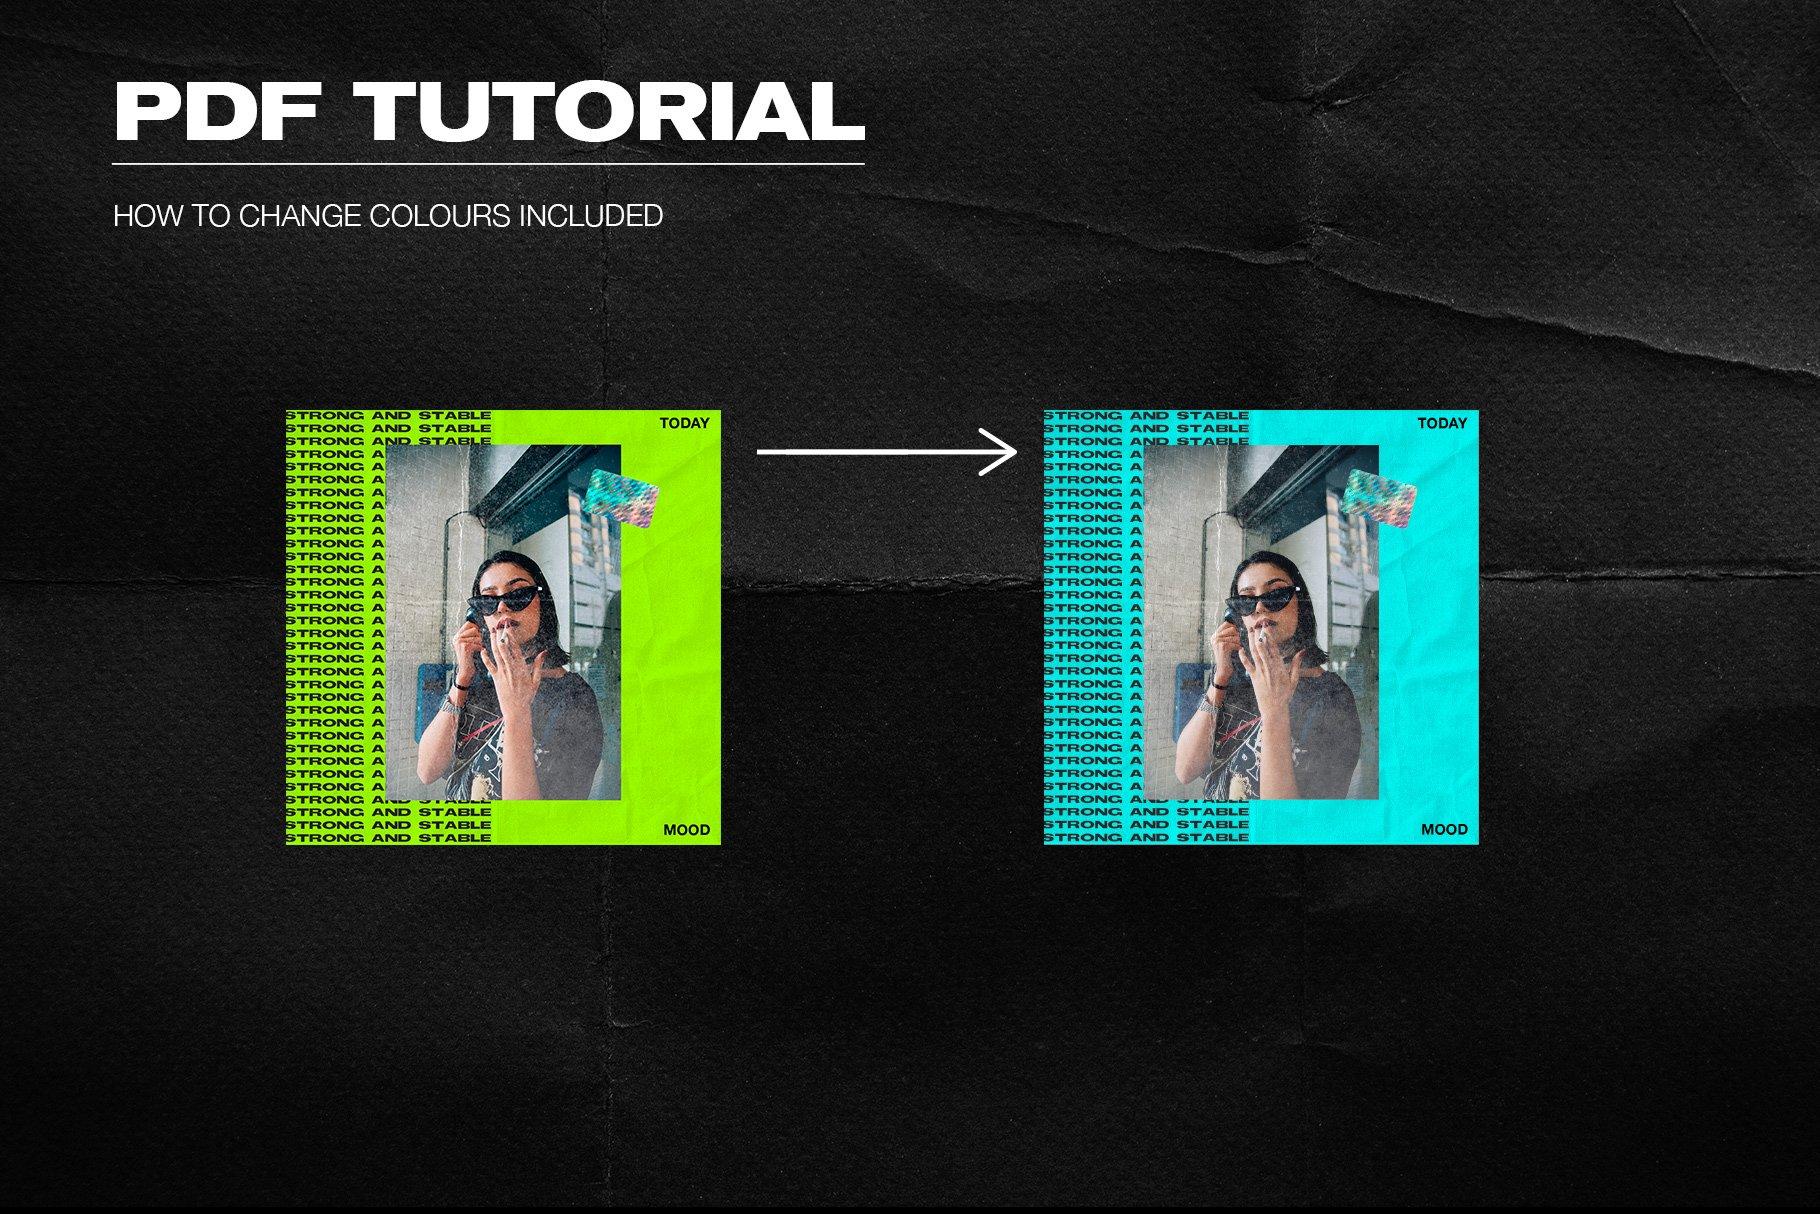 [淘宝购买] 潮流霓虹撕纸效果新媒体推广电商海报设计PSD模板 Neon Instagram Posts & Stories插图(3)